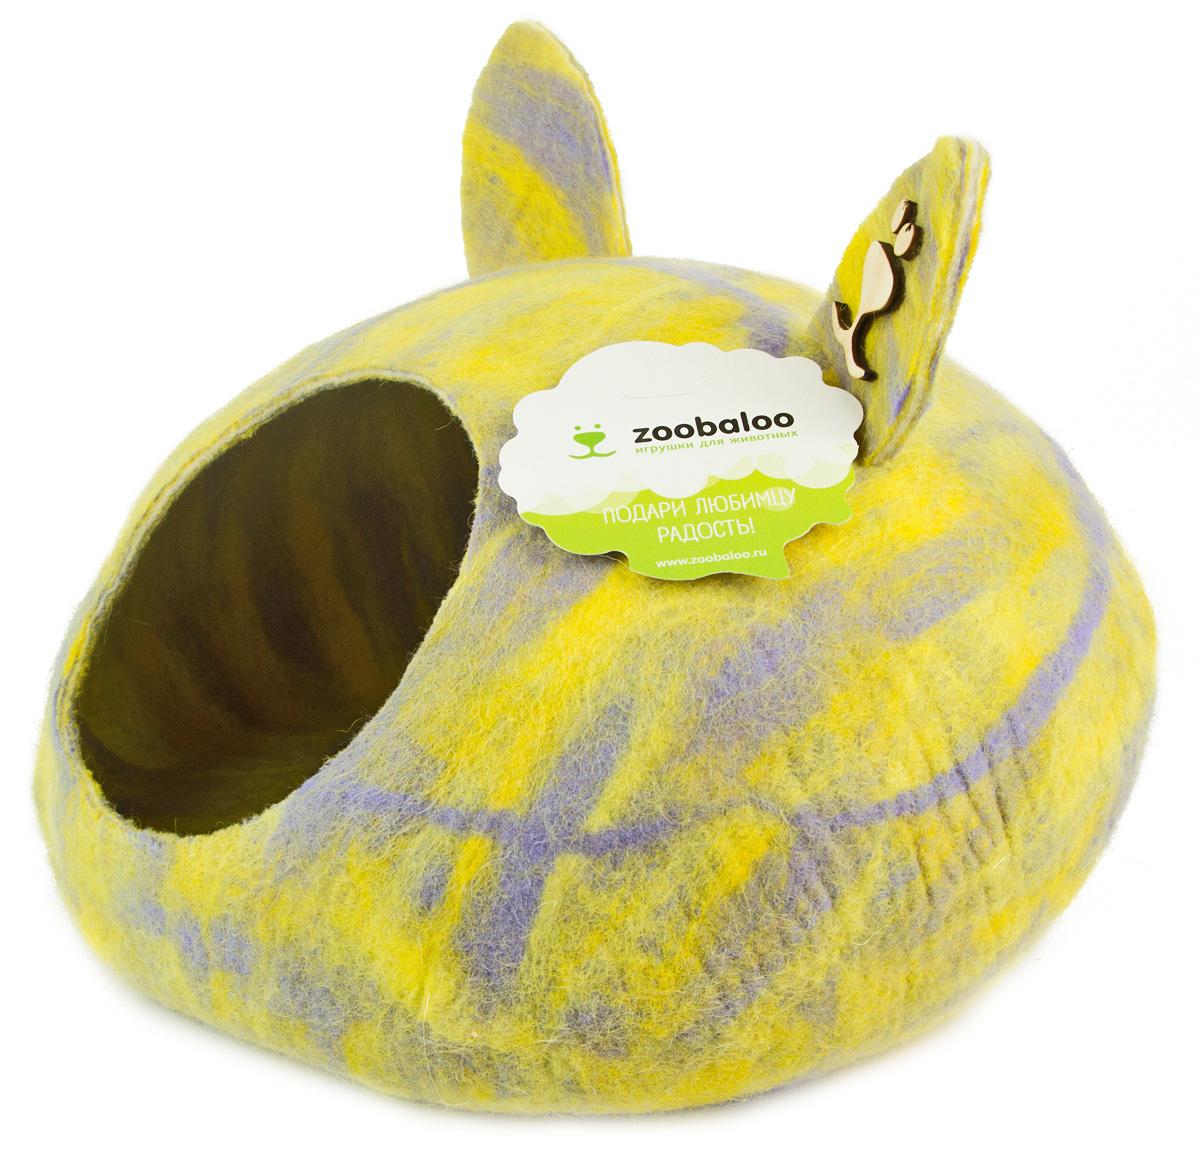 Домик-слипер Zoobaloo WoolPetHouse, размер М, форма круг, с ушками, мультиколор желтый899WoolPetHouse это домики-слиперы! Это невероятное творение наших дизайнеров обещает быть хитом сезона – мы учли все особенности «животного» сна: форма, цвет, материал этих домиков – всё подобрано как нельзя лучше! В них ваши любимцы будут видеть только цветные сны, а комфорту и благодарности не будет предела! Природа позаботилась обо всем – стопроцентная шерсть мериноса обеспечит превосходный микроклимат внутри домика, а его форма позволит питомцу засыпать в самой естественной позе. Ваши питомцы уютно обустроятся в наших домиках! Так как изделие выполнено из шерсти, советуем использовать сухую чистку, в местах сильных загрязнений можно воспользоваться губкой или щеткой с мылом. Для того, чтобы домик прослужил максимально долго, для маленьких котят и щенков рекомендуем застилать домик изнутри специальной впитывающей пеленкой.